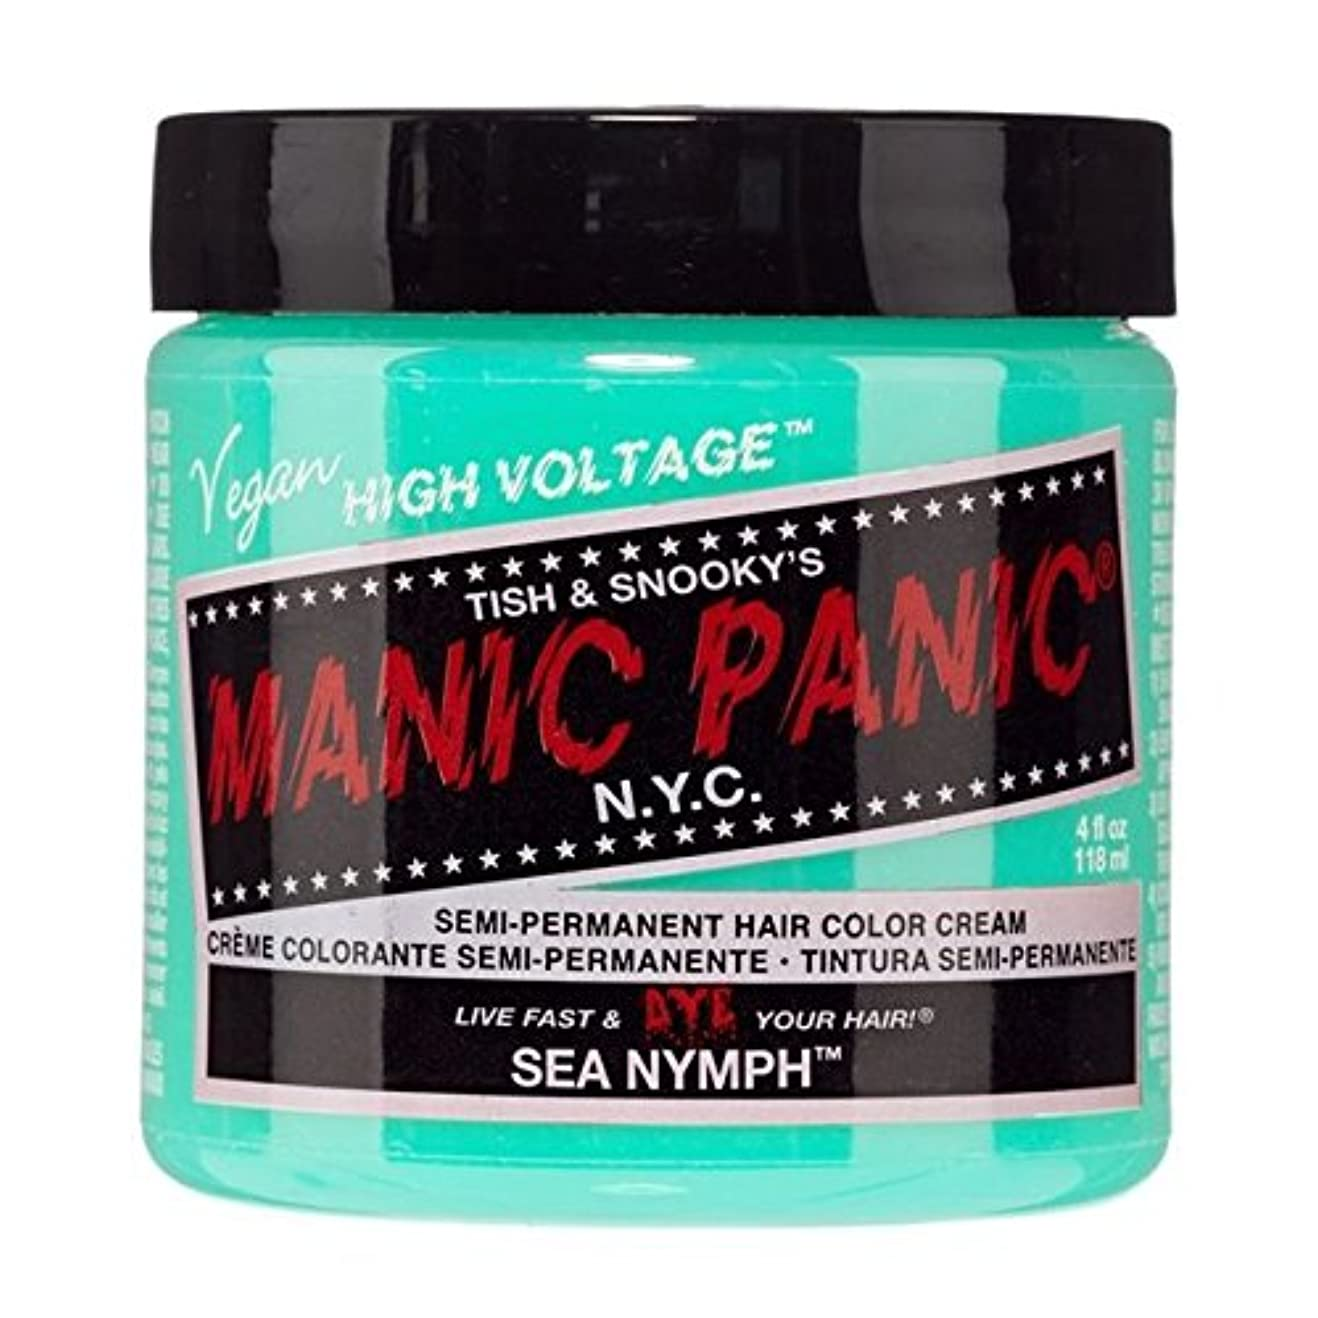 原因死の顎名前を作るスペシャルセットMANIC PANICマニックパニック:SEA NYMPH (シーニンフ)+ヘアカラーケア4点セット